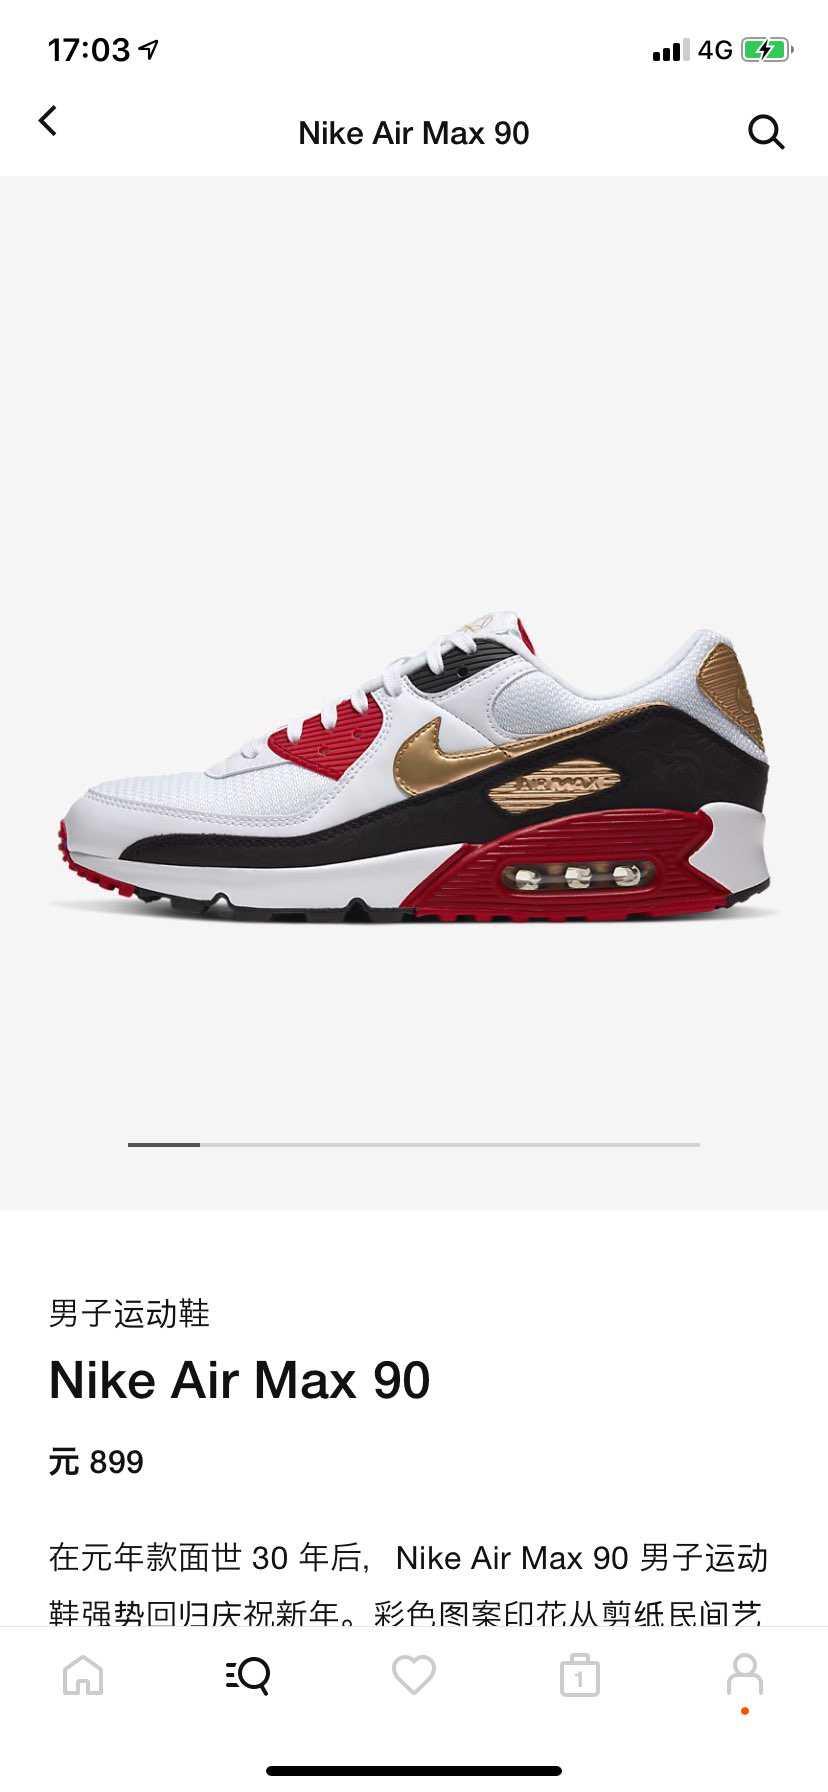 中国で買えます。買うか迷うなぁ。